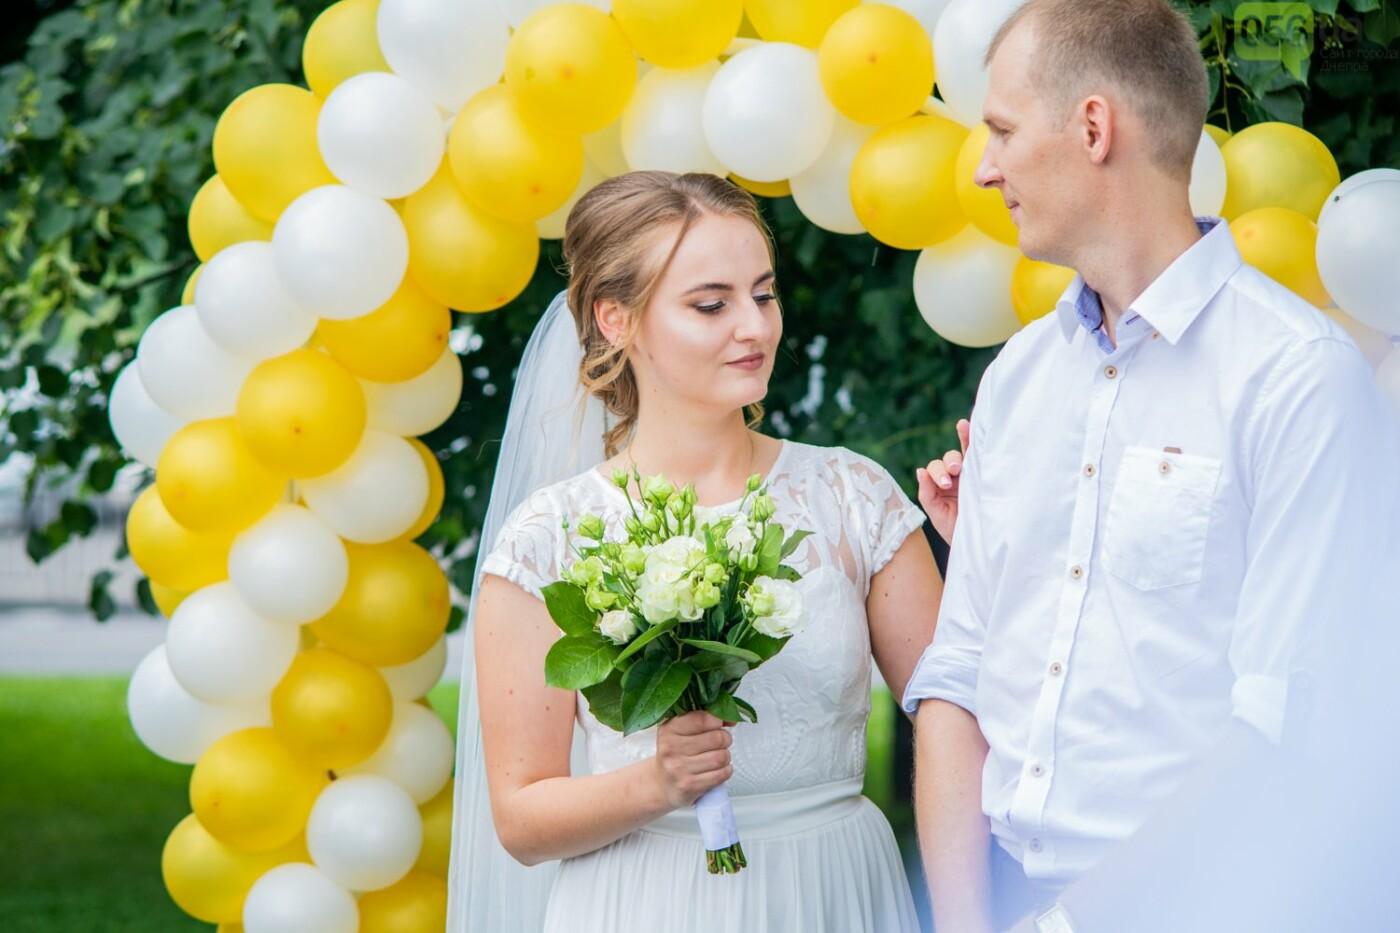 Фестиваль красок и свадьбы: как в Днепре прошел День молодежи, - ФОТОРЕПОРТАЖ, ВИДЕО, фото-24